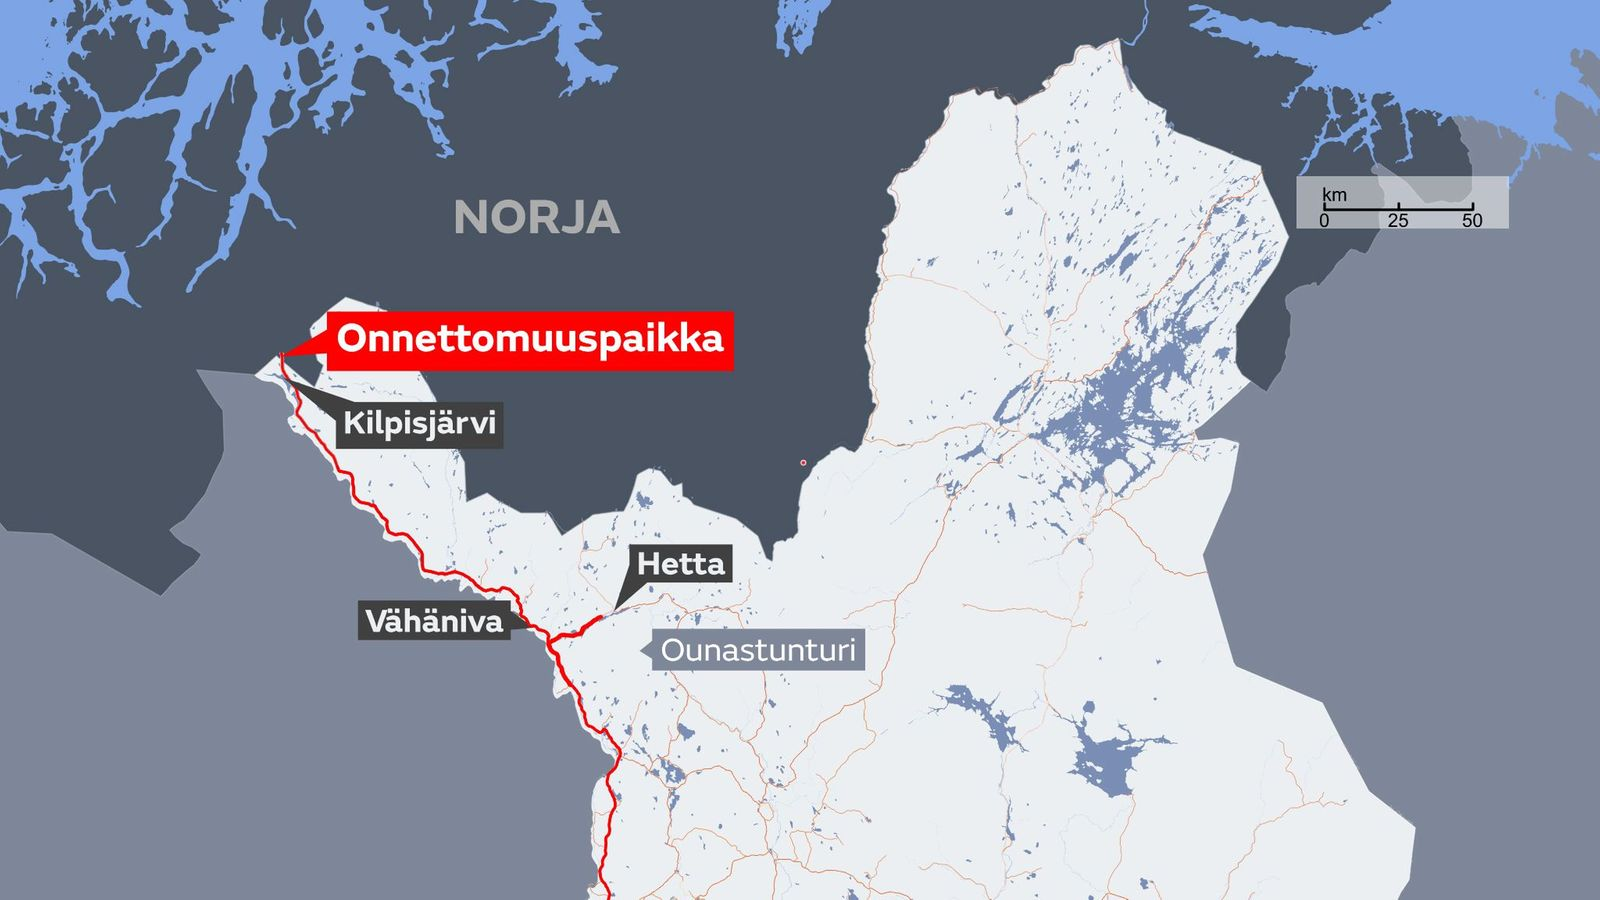 Kelikamerat Norja